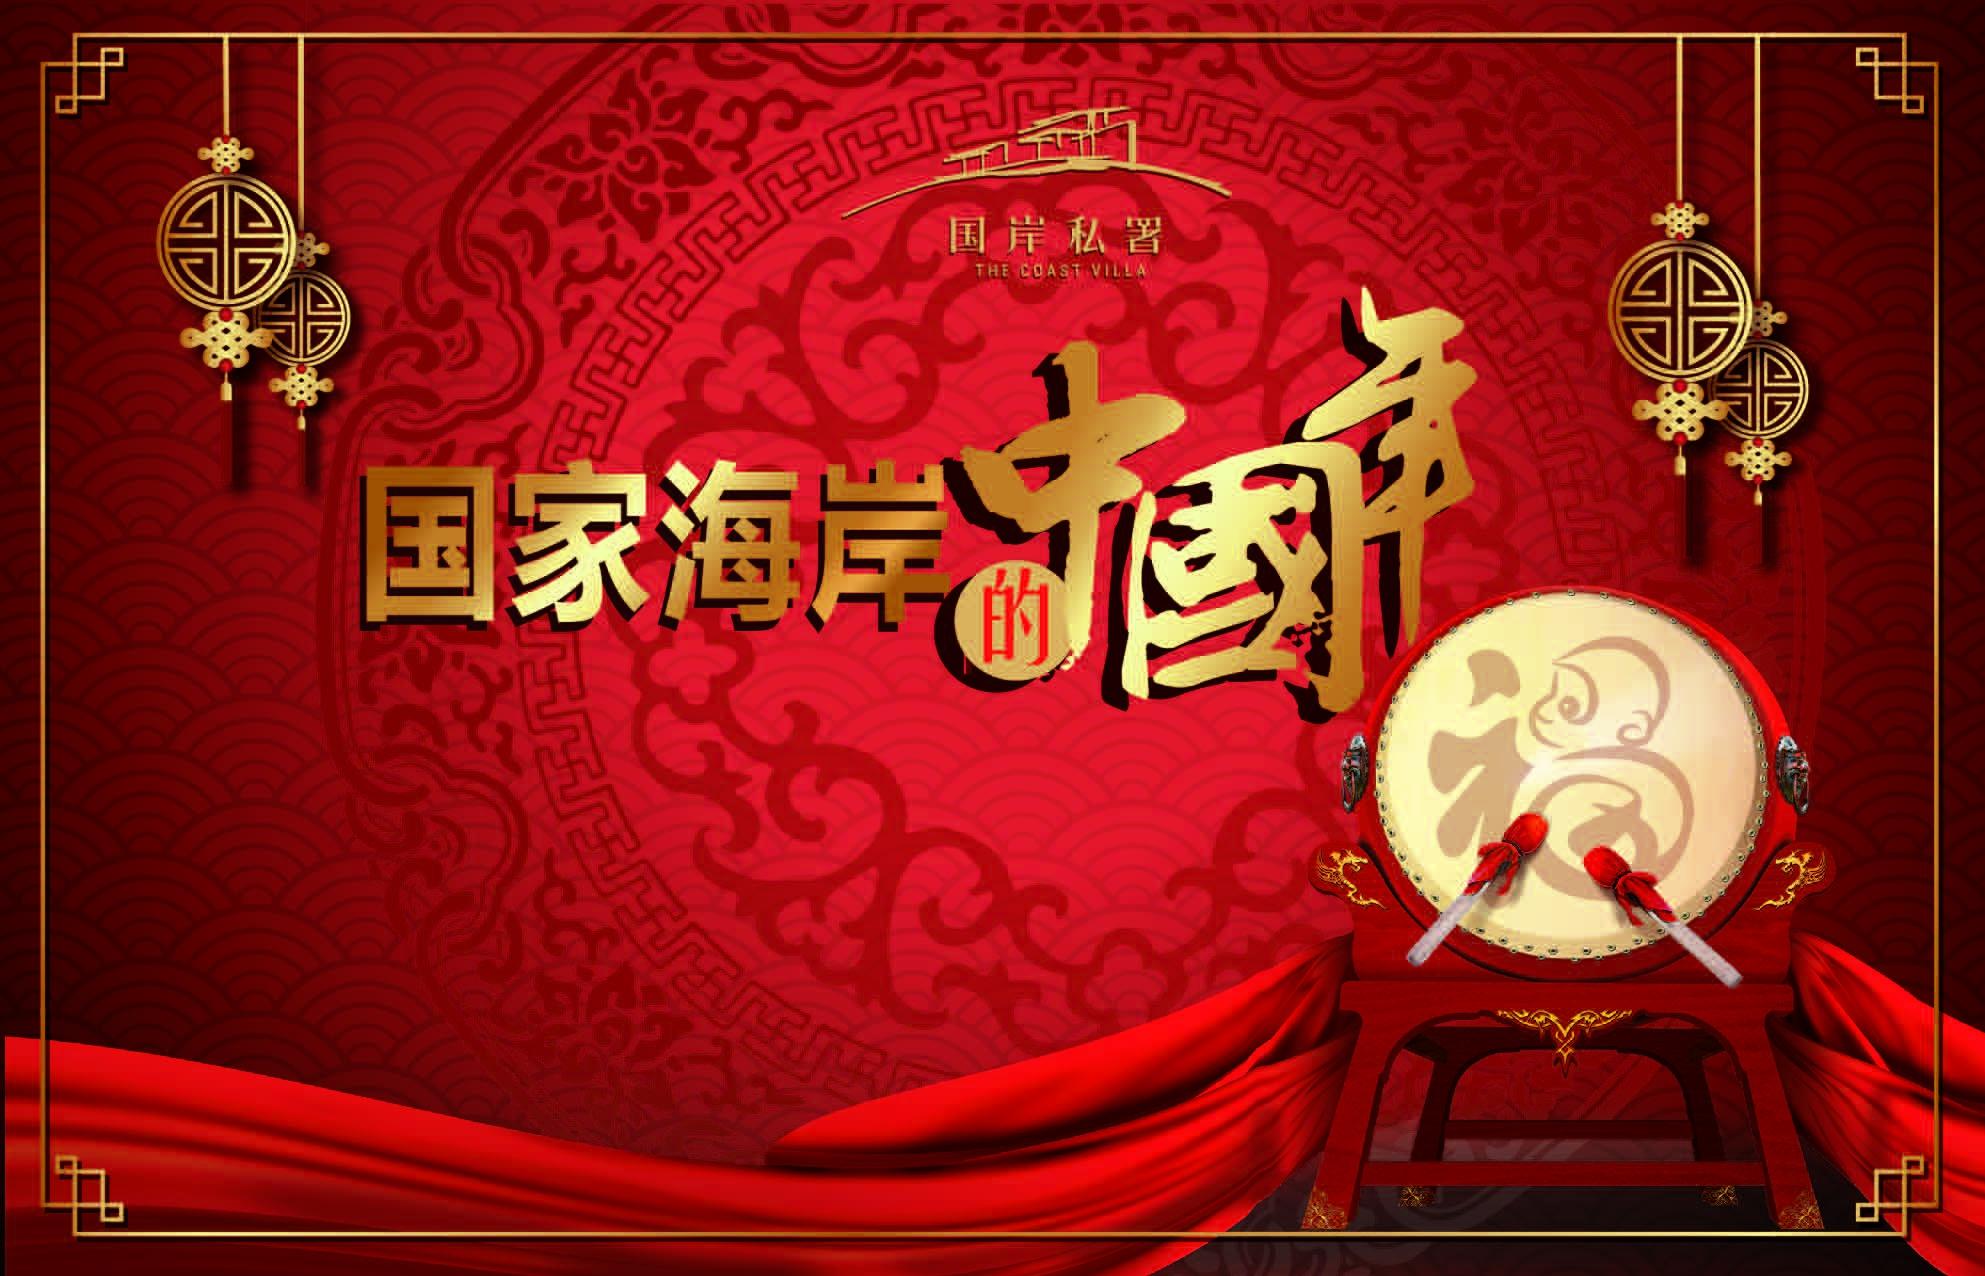 国家海岸的中国年(中国·三亚)